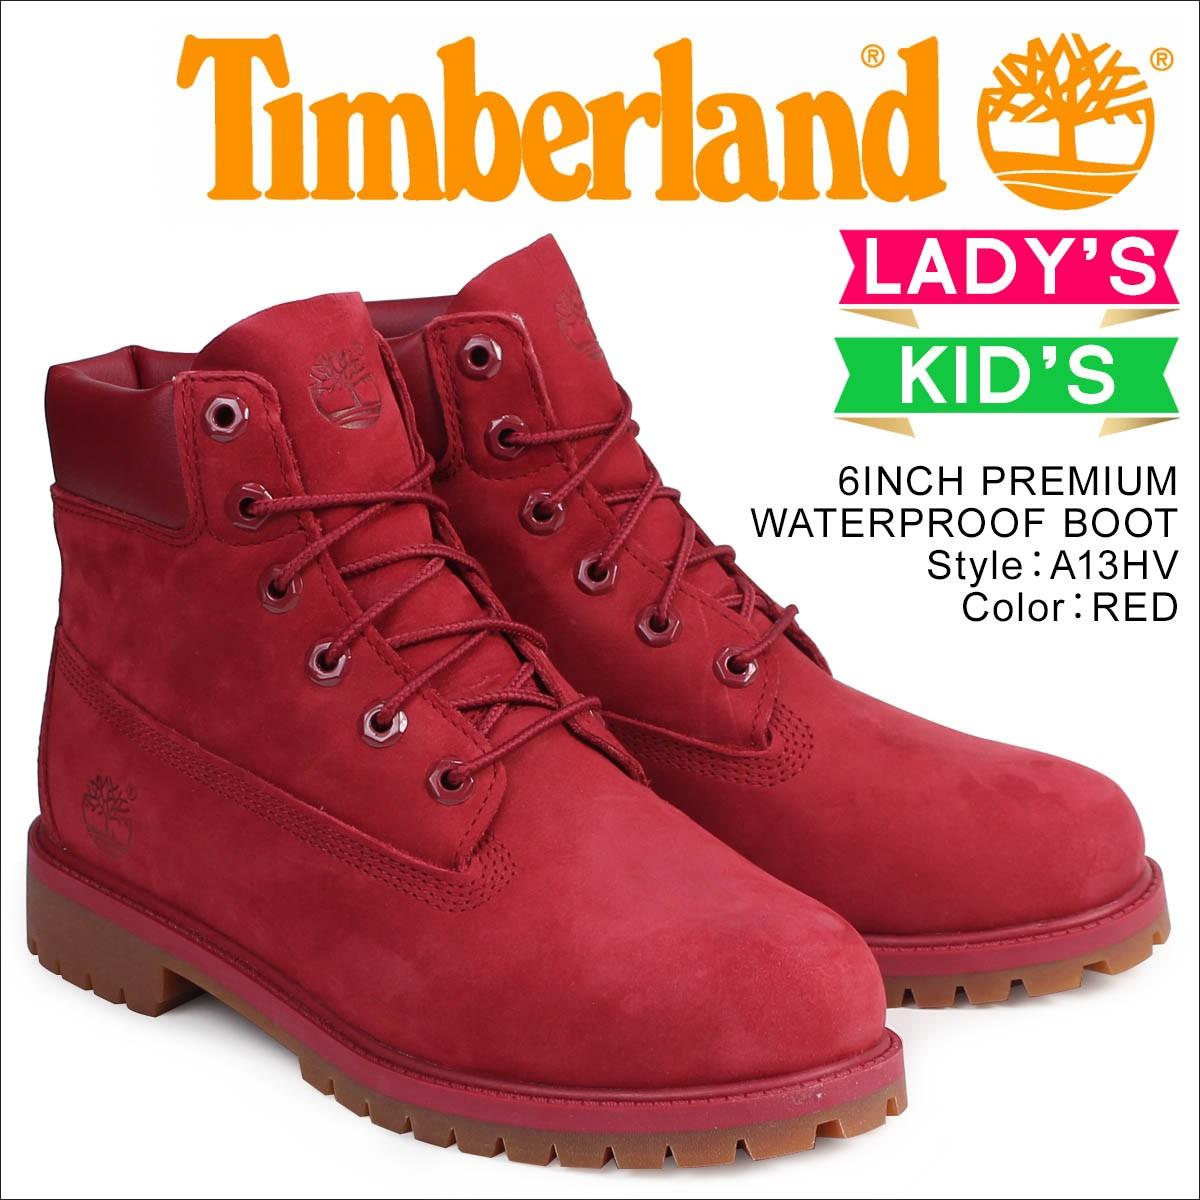 ティンバーランド レディース キッズ 6インチ Timberland ブーツ 6INCHI PREMIUM BOOTS  A13HV Wワイズ 防水 レッド [8/10 新入荷]